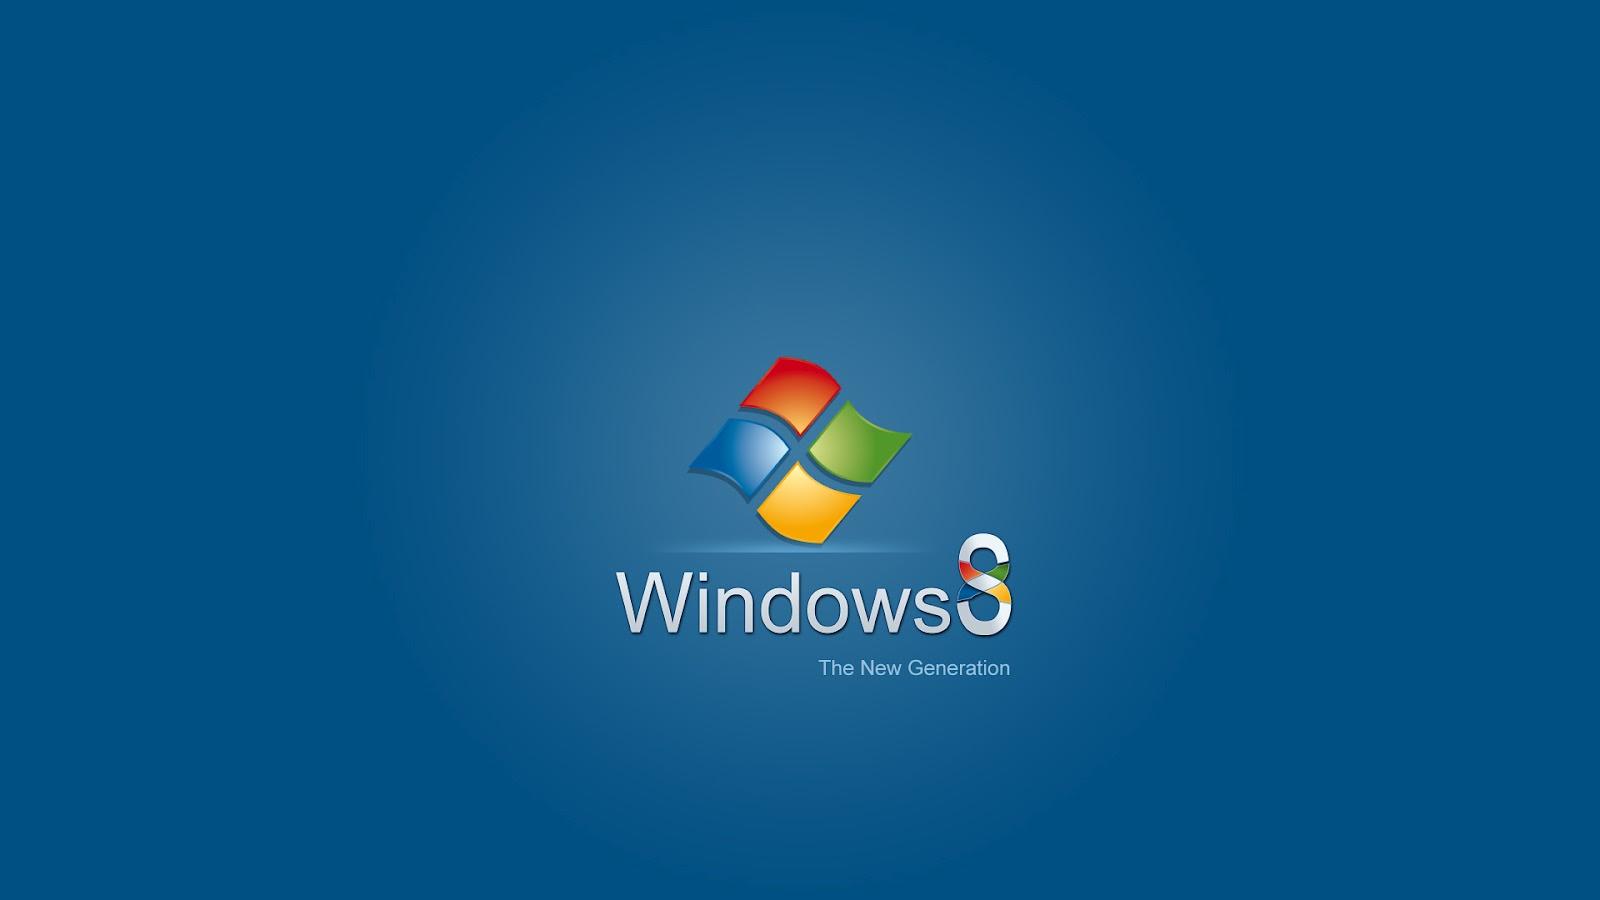 http://2.bp.blogspot.com/-_i8s-LaZa8k/T8x0ChveADI/AAAAAAAACGY/Icf0MA6y0d4/s1600/windows_8.jpg